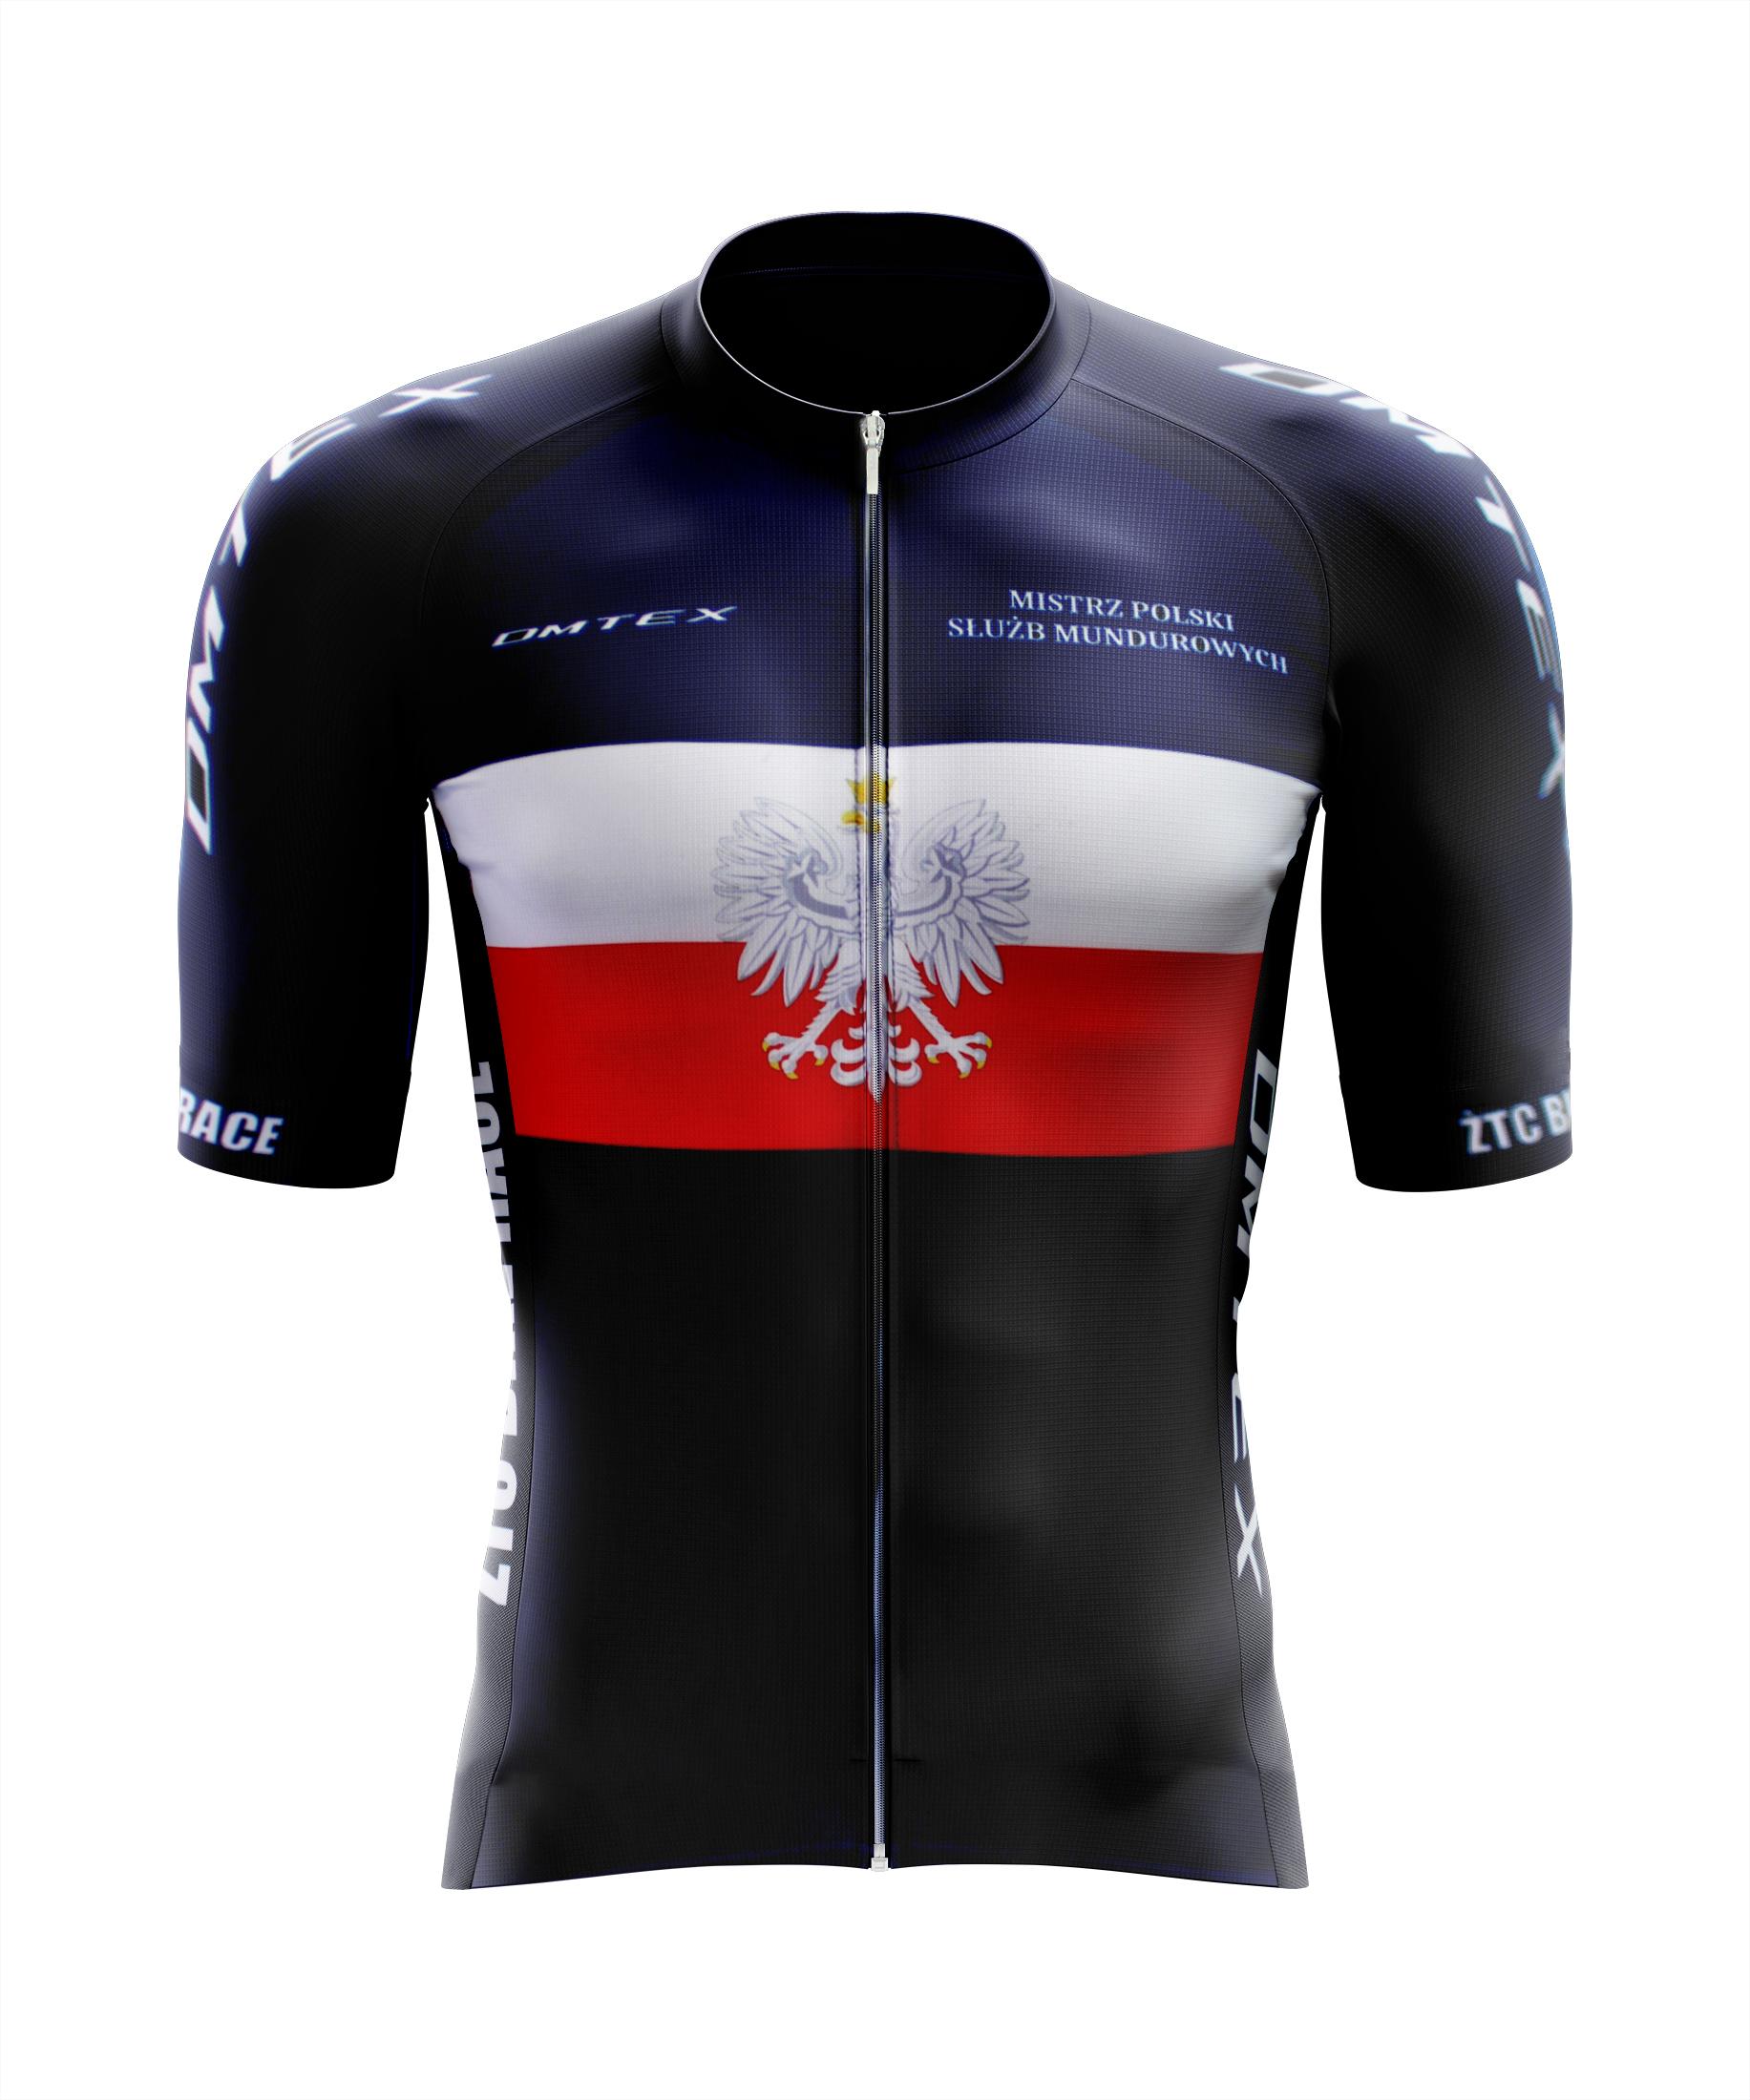 koszulka ŻTC Bike Race.jpg